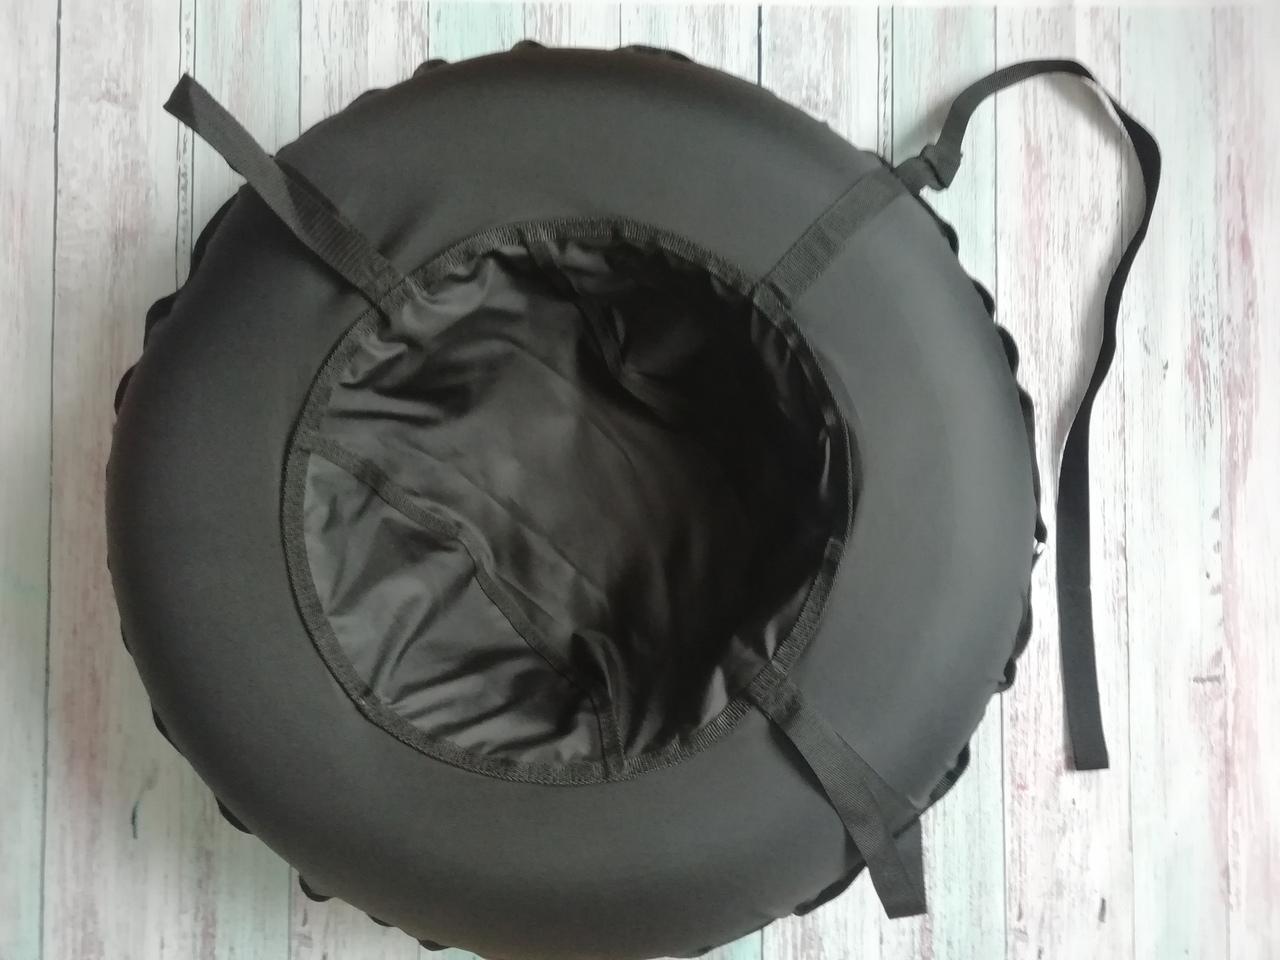 купить надувные санки ватрушку тюбинг в самаре недорого в наличии